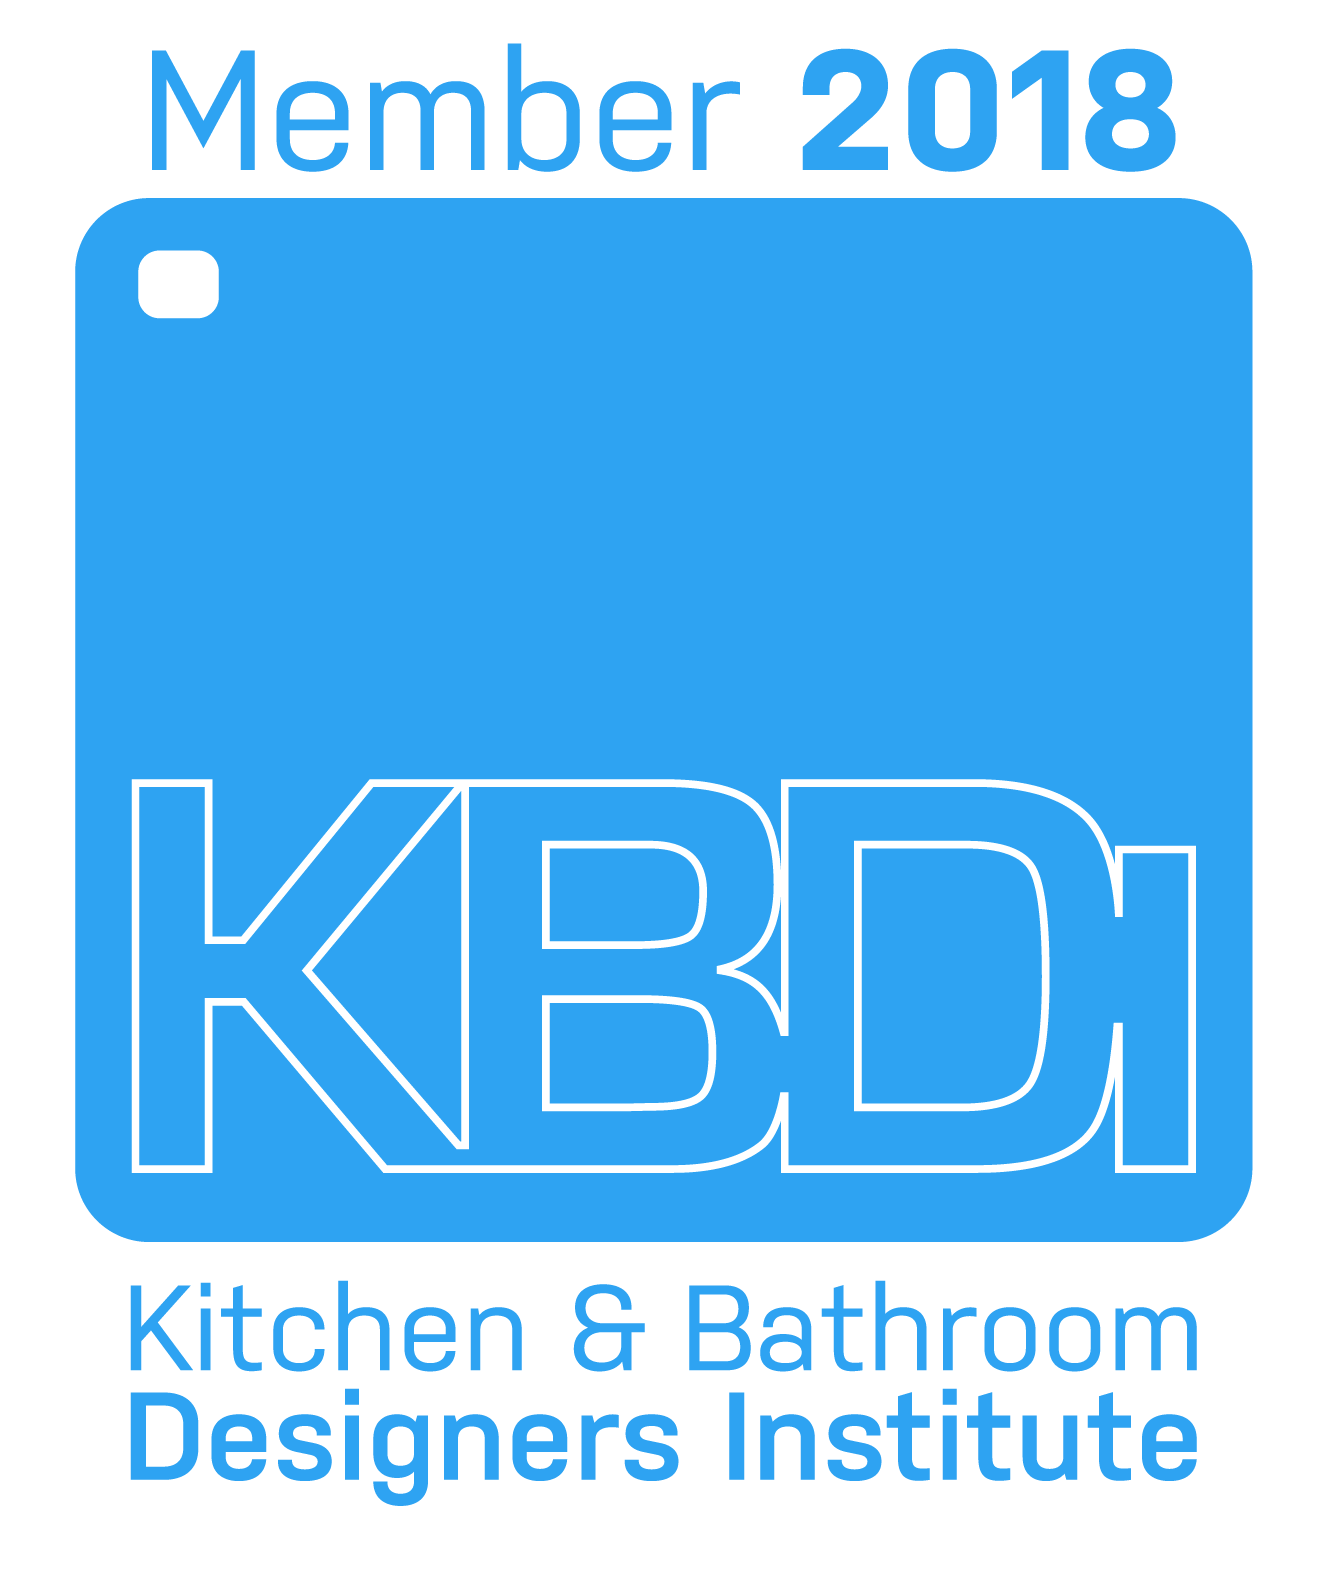 KBDi_Logo_Member_2018-01-1